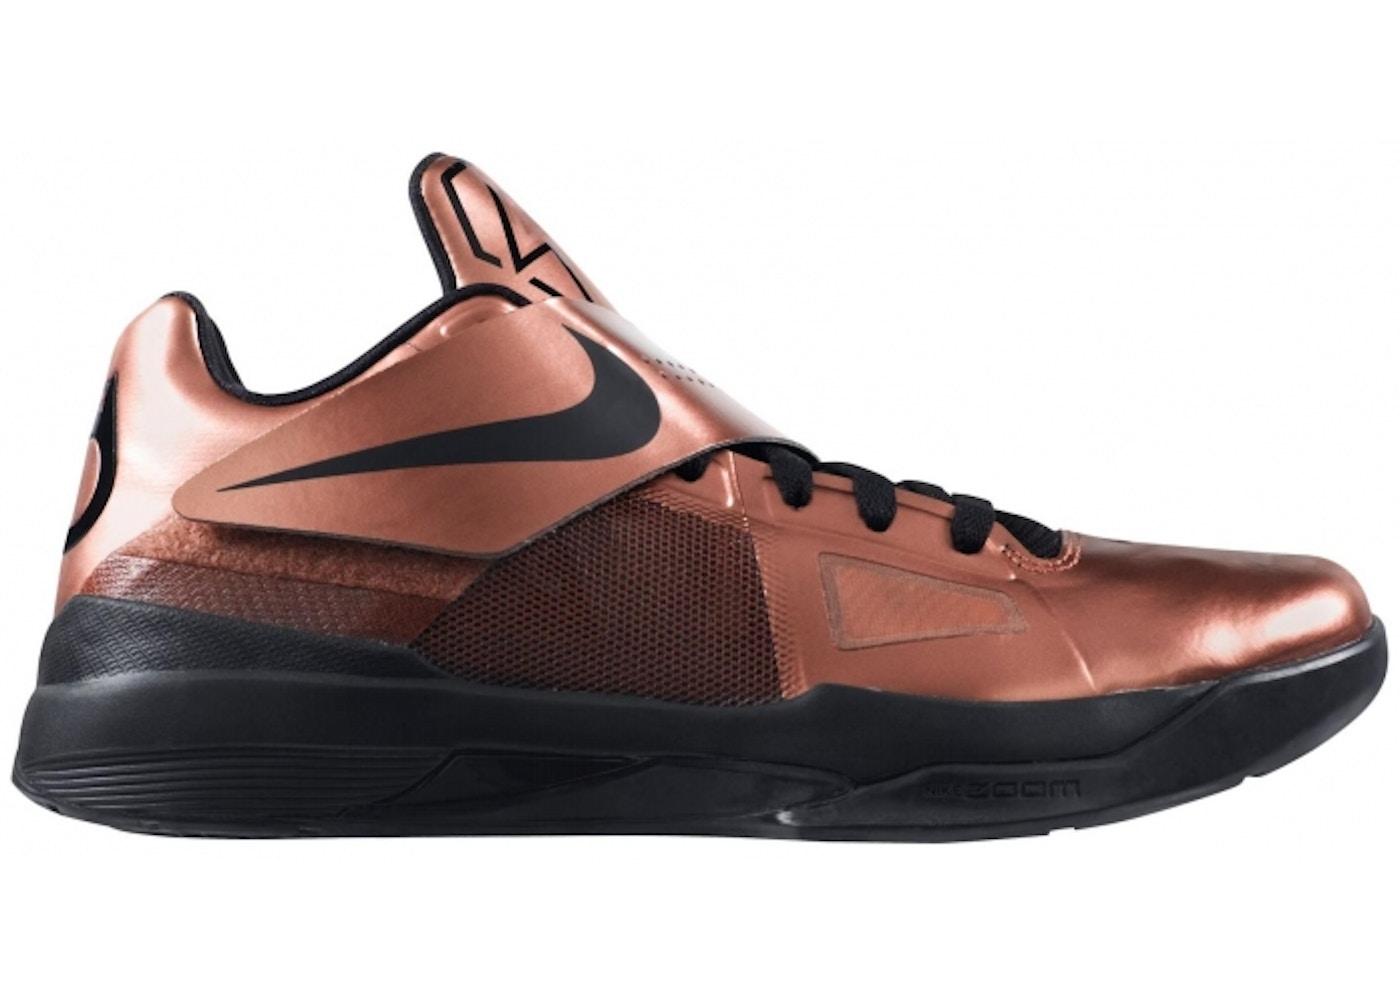 Buy Nike KD 4 Shoes & Deadstock Sneakers